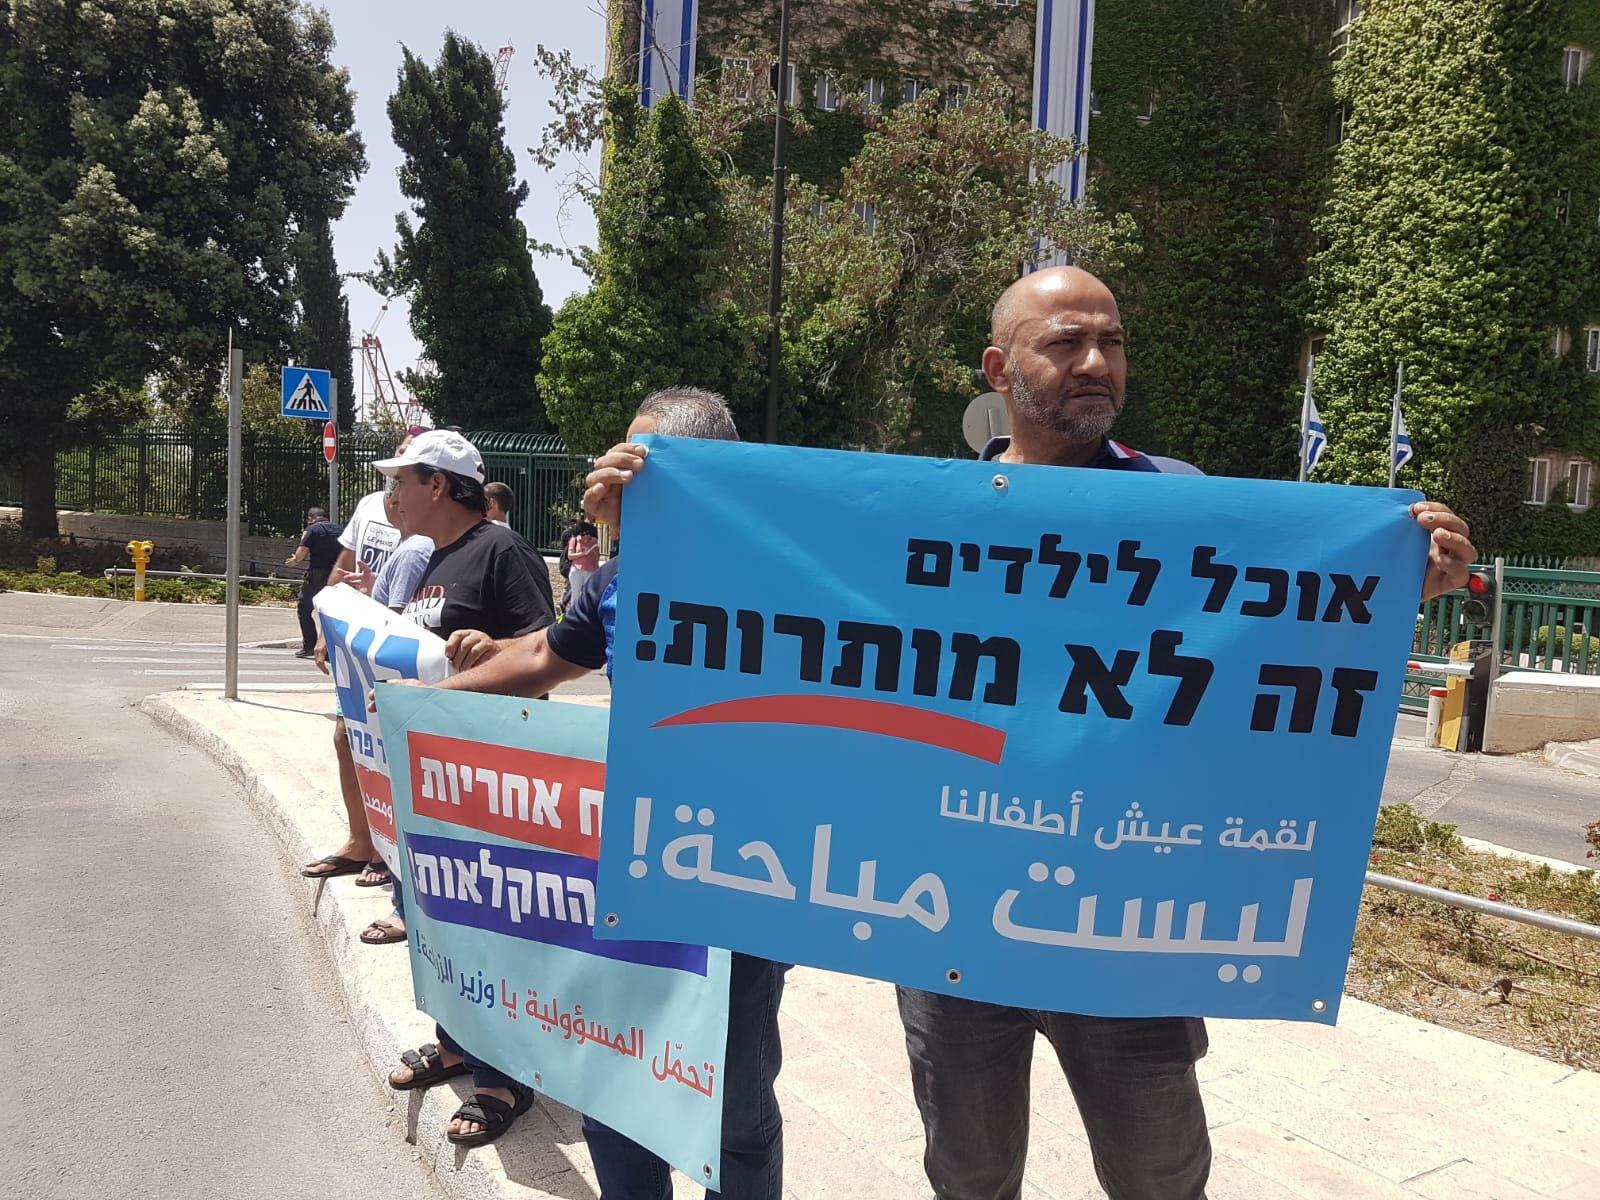 تزامنا مع التظاهرة .. الصيادون يلتمسون للمحكمة العليا ضد وزارة الزراعة